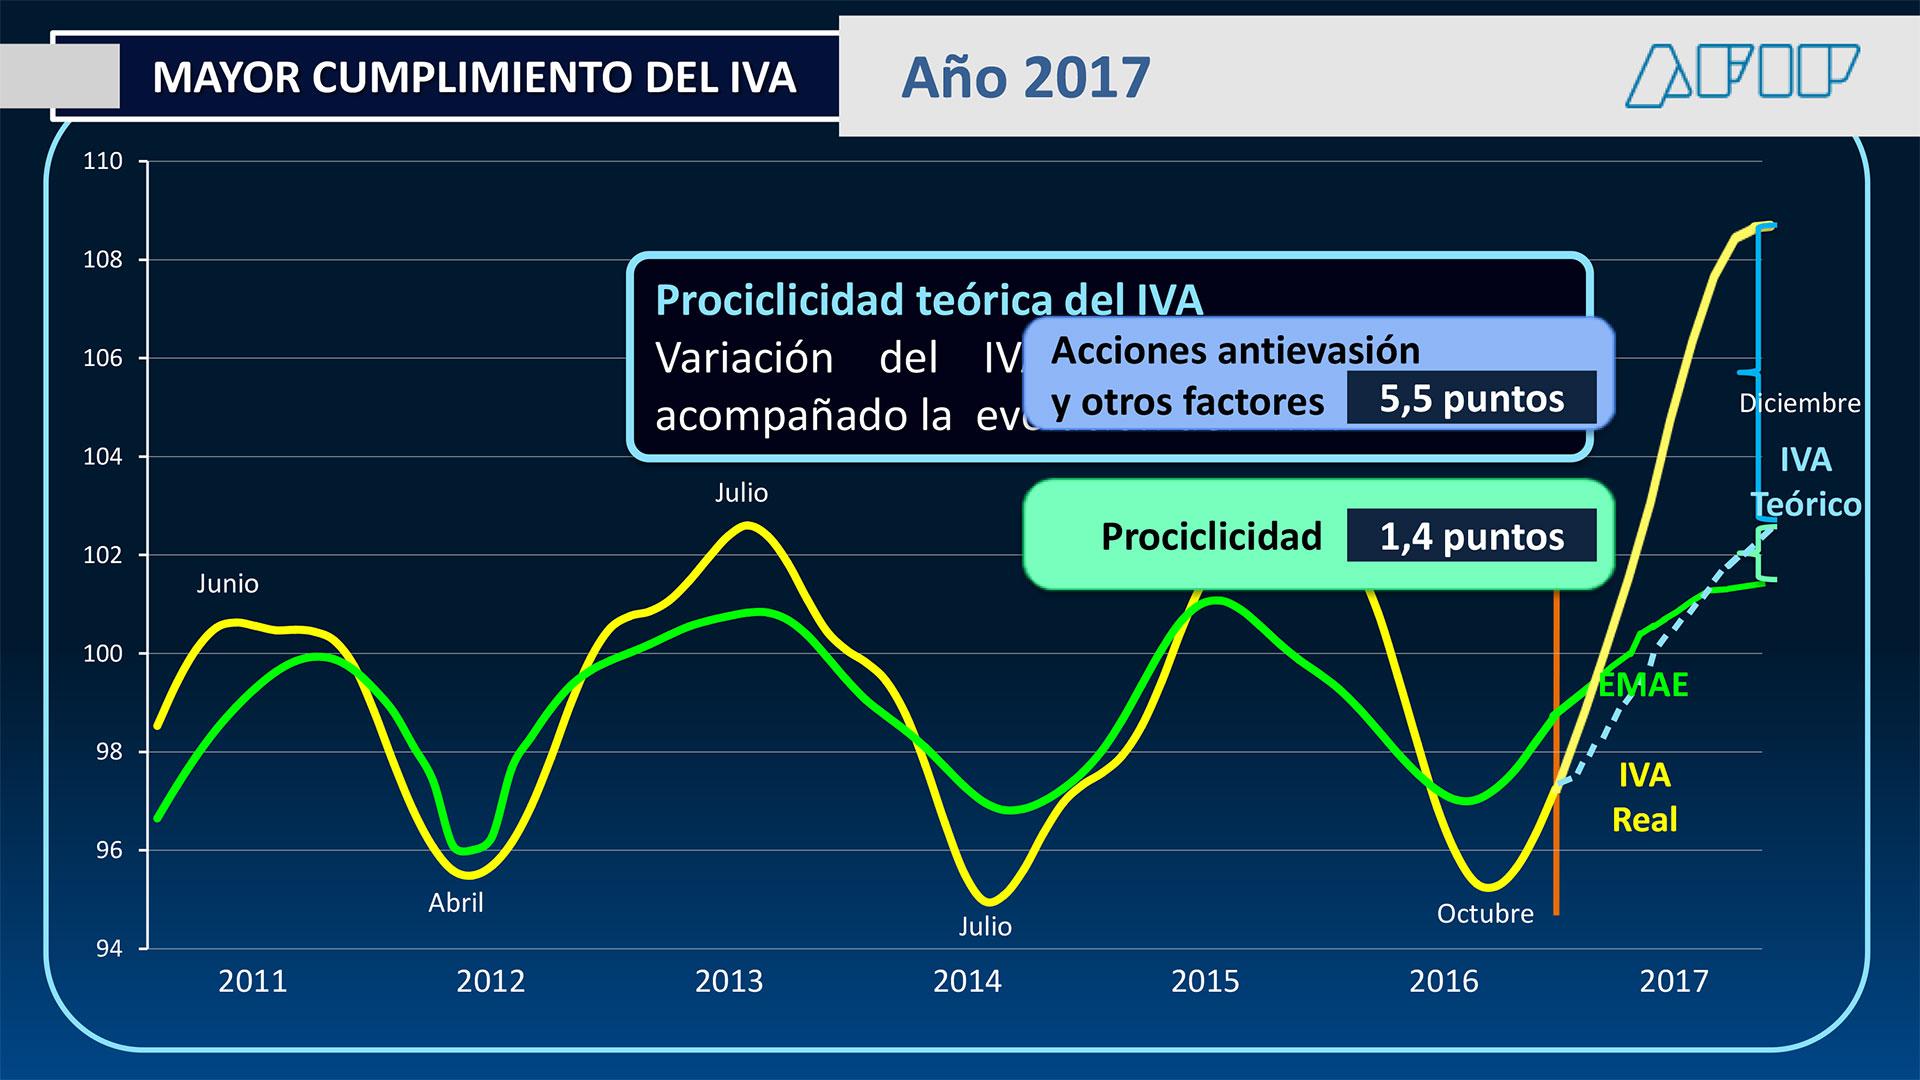 """Los ingresos por IVA superaron en 2017 el efecto de la """"prociclidad"""" de la actividad económica (AFIP)"""